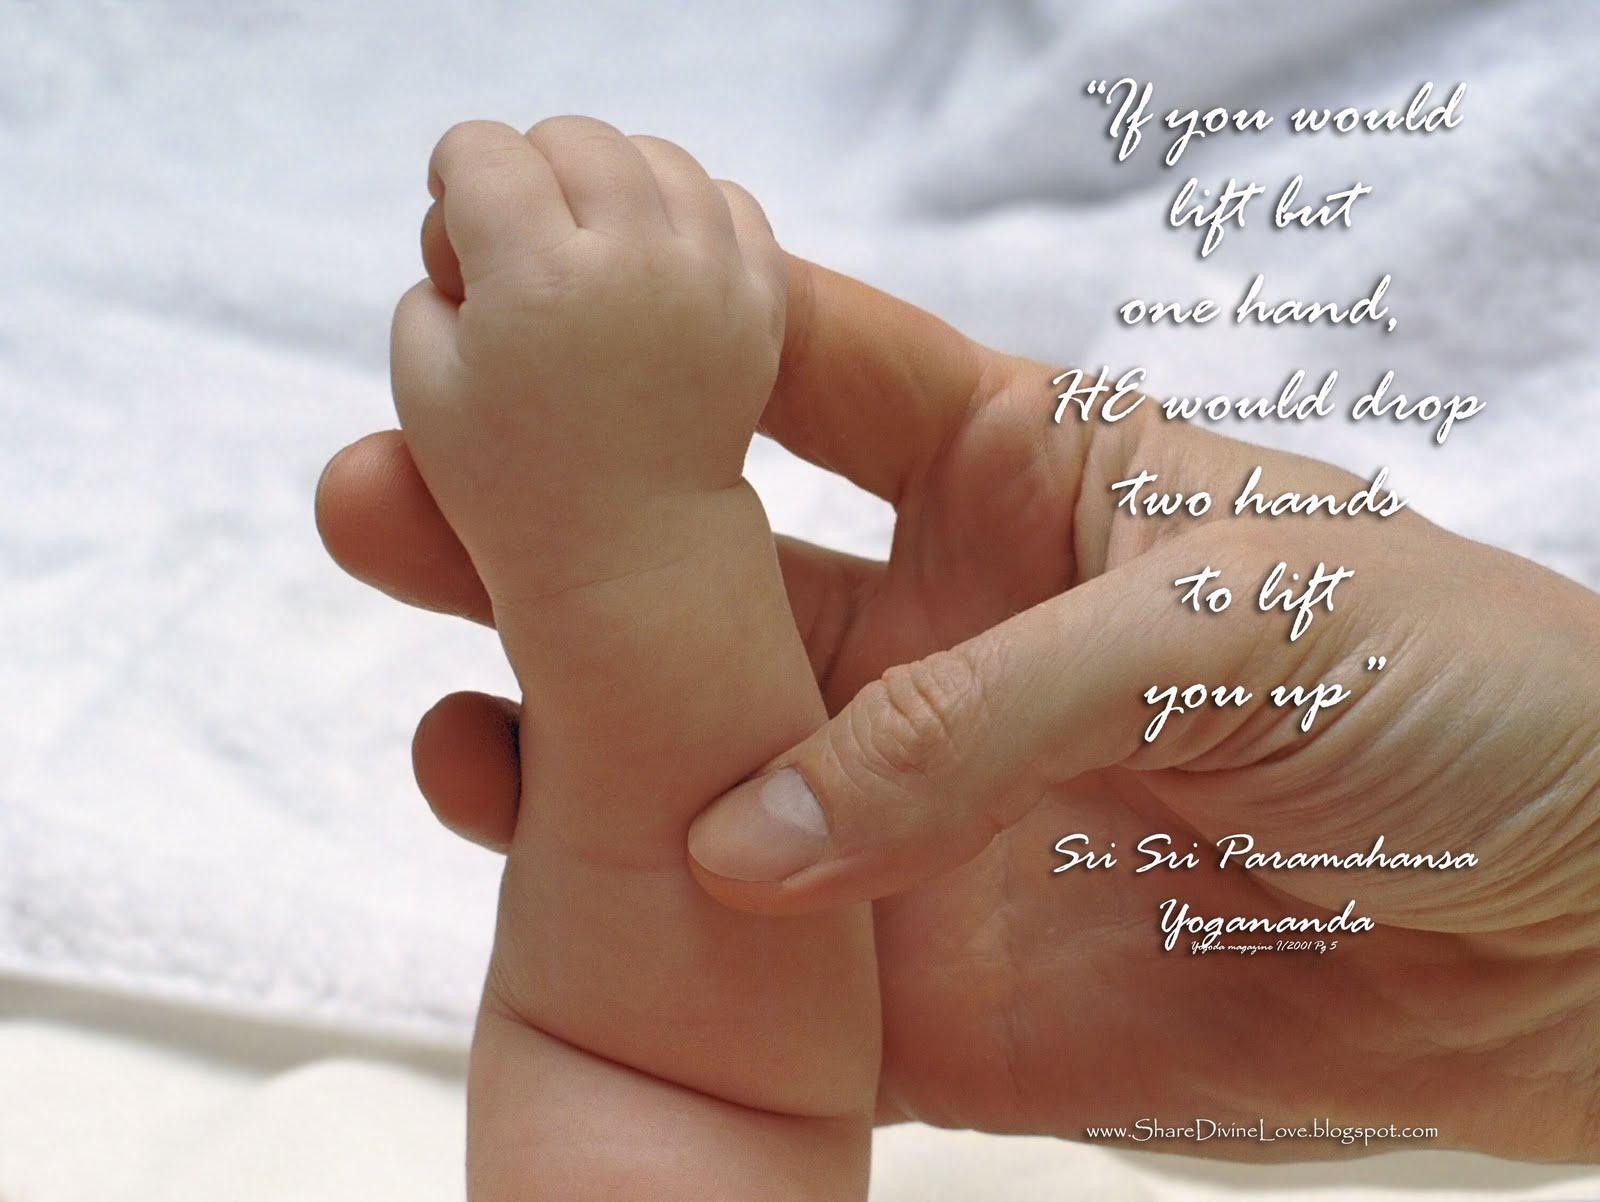 http://4.bp.blogspot.com/_hLsWFLcDvNQ/S_94rbrZBpI/AAAAAAAADyE/q-oAPDxTS1I/s1600/Lift+hands+copy.jpg